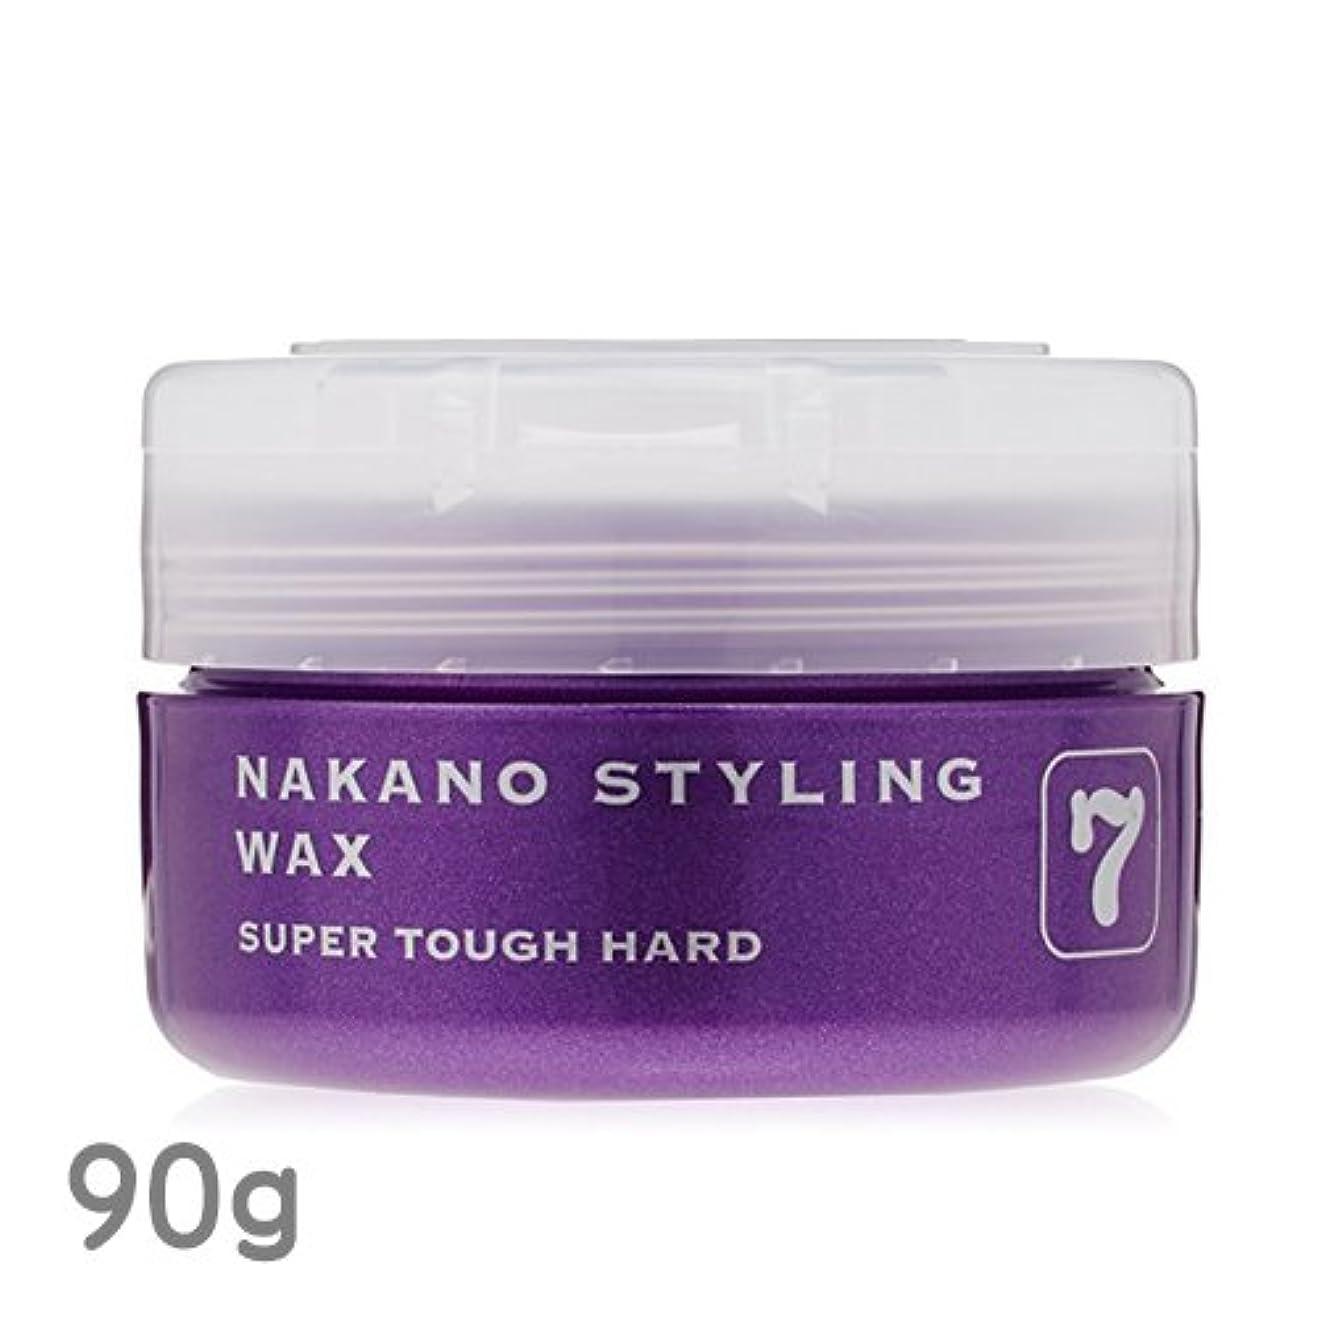 を必要としています怠けた引き出しナカノ スタイリングワックス 7 スーパータフハード 90g 中野製薬 NAKANO